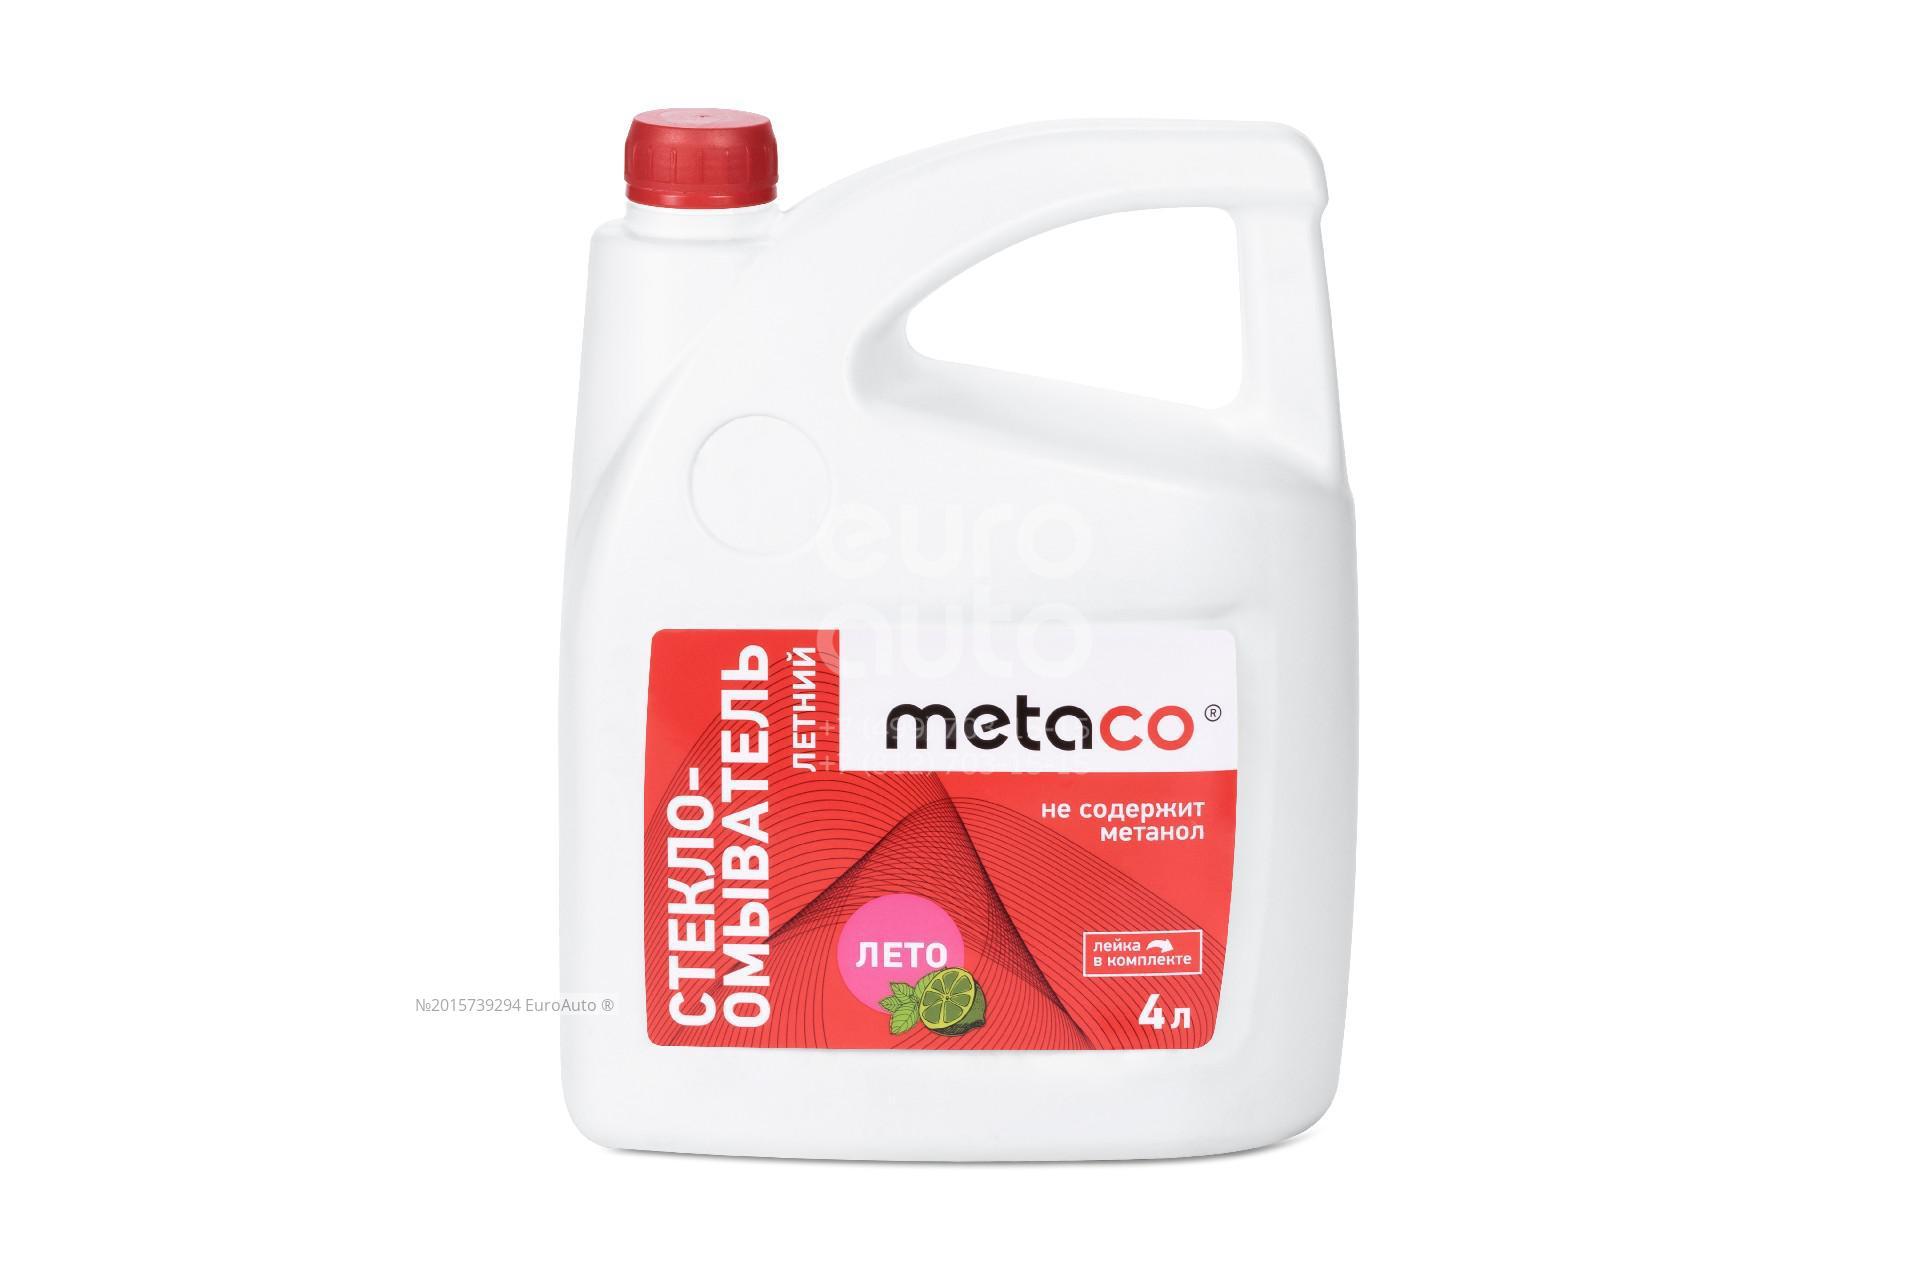 Жидкость омывателя Metaco 998-1401